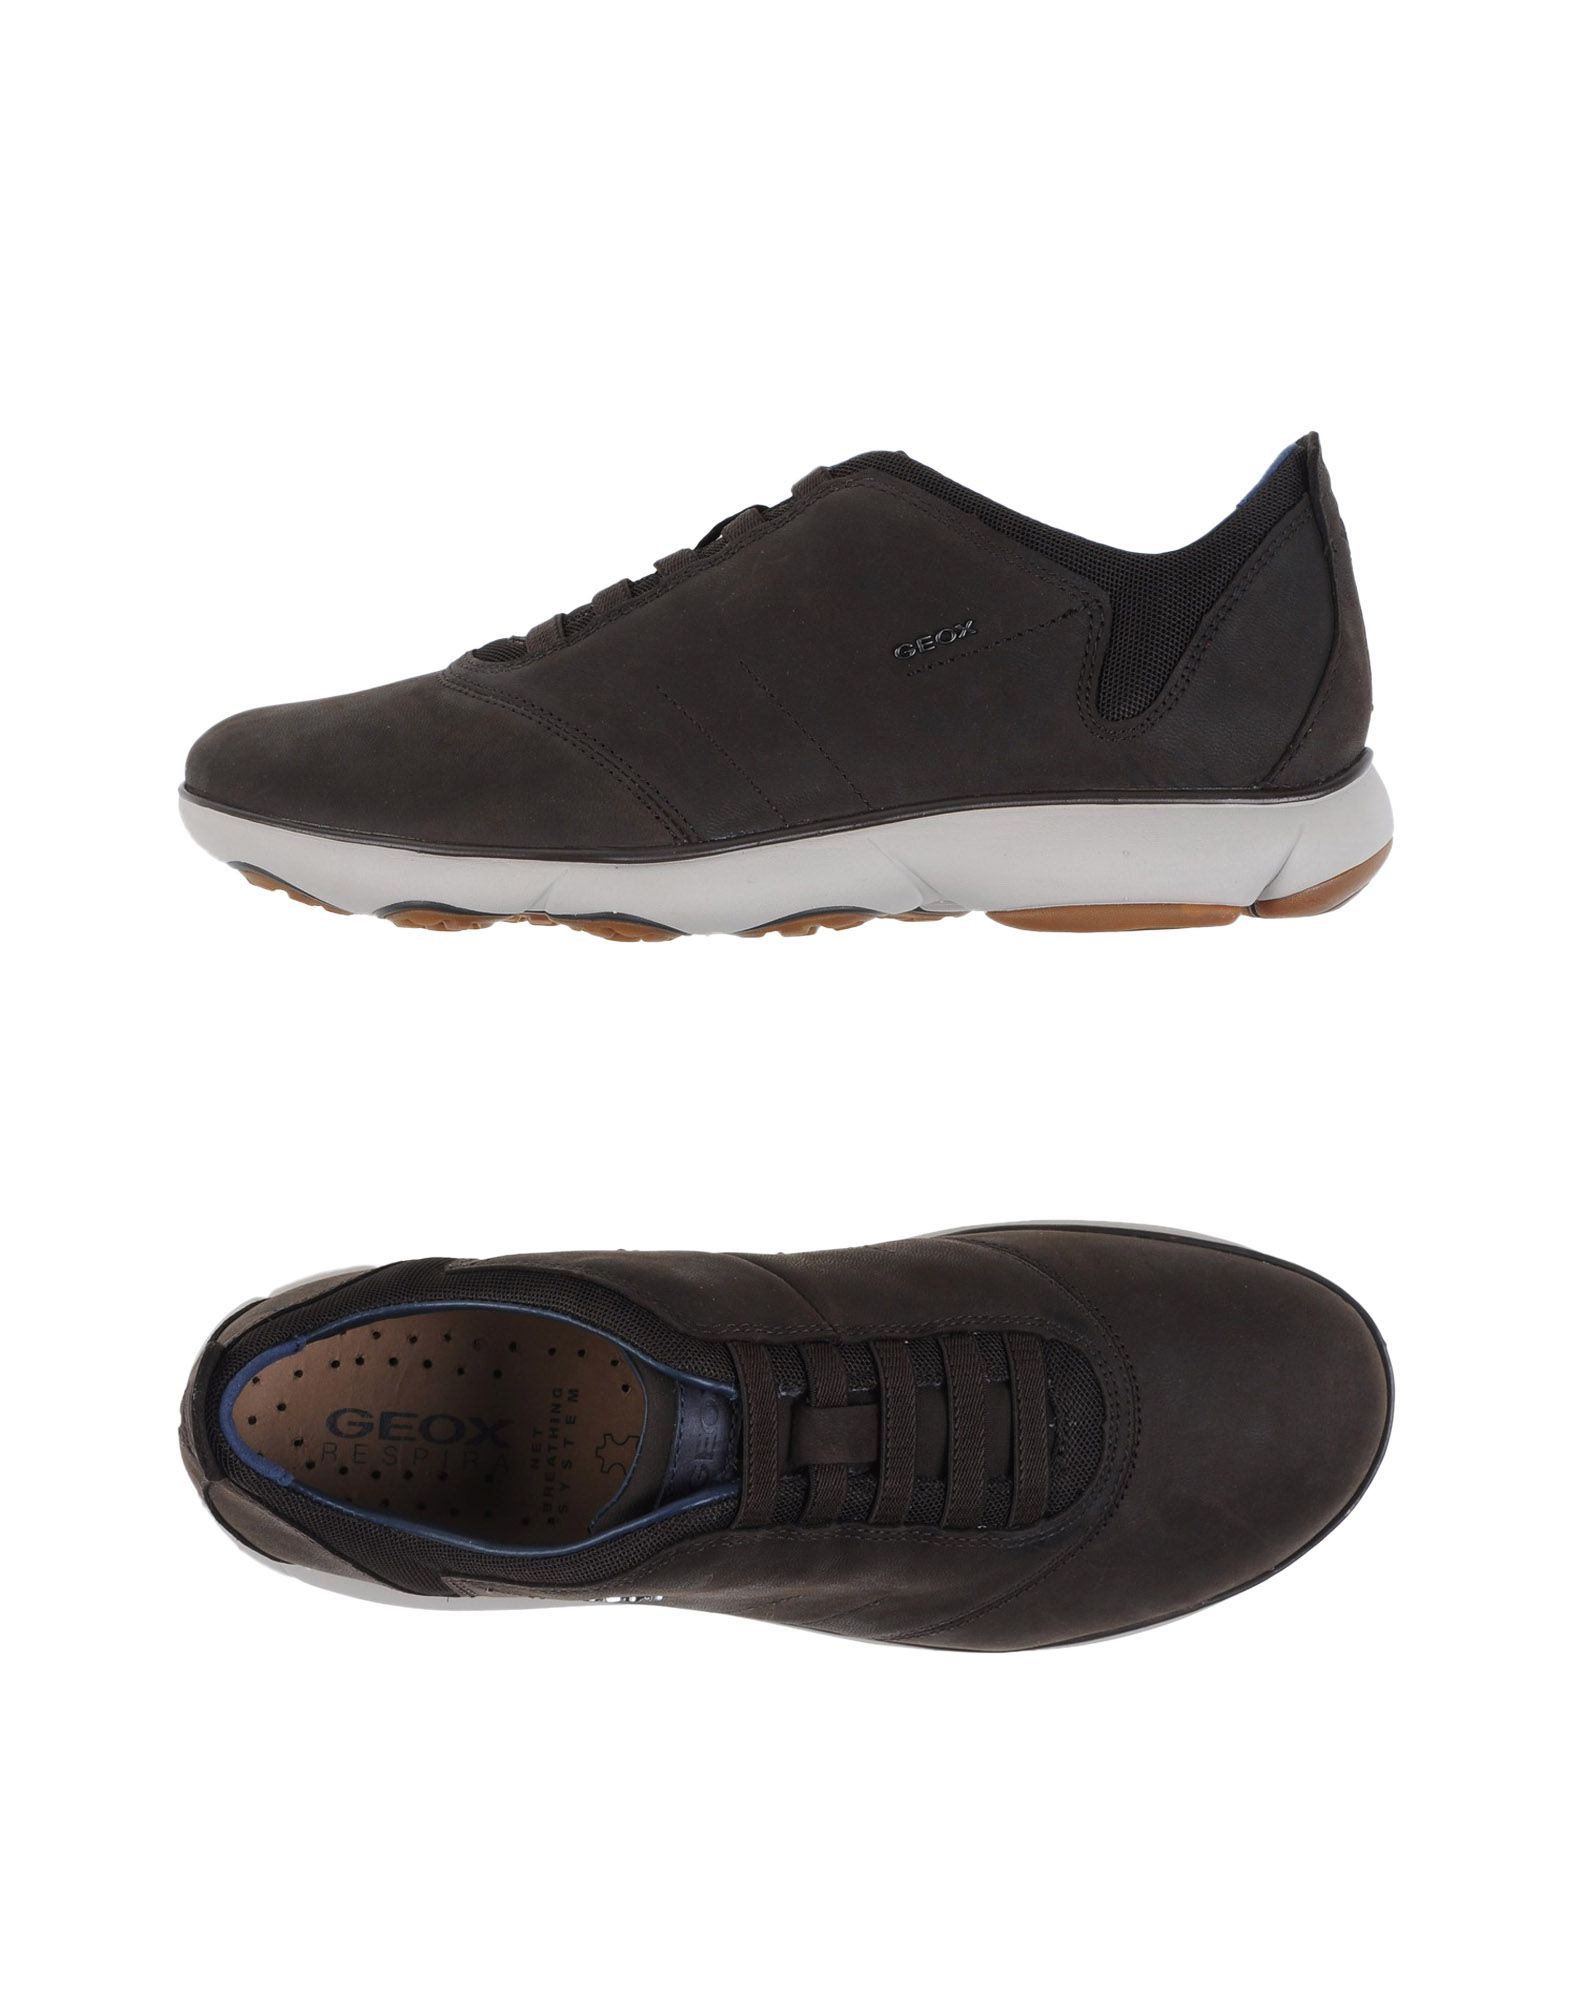 Geox Sneakers Herren  11083689OG Gute Qualität beliebte Schuhe